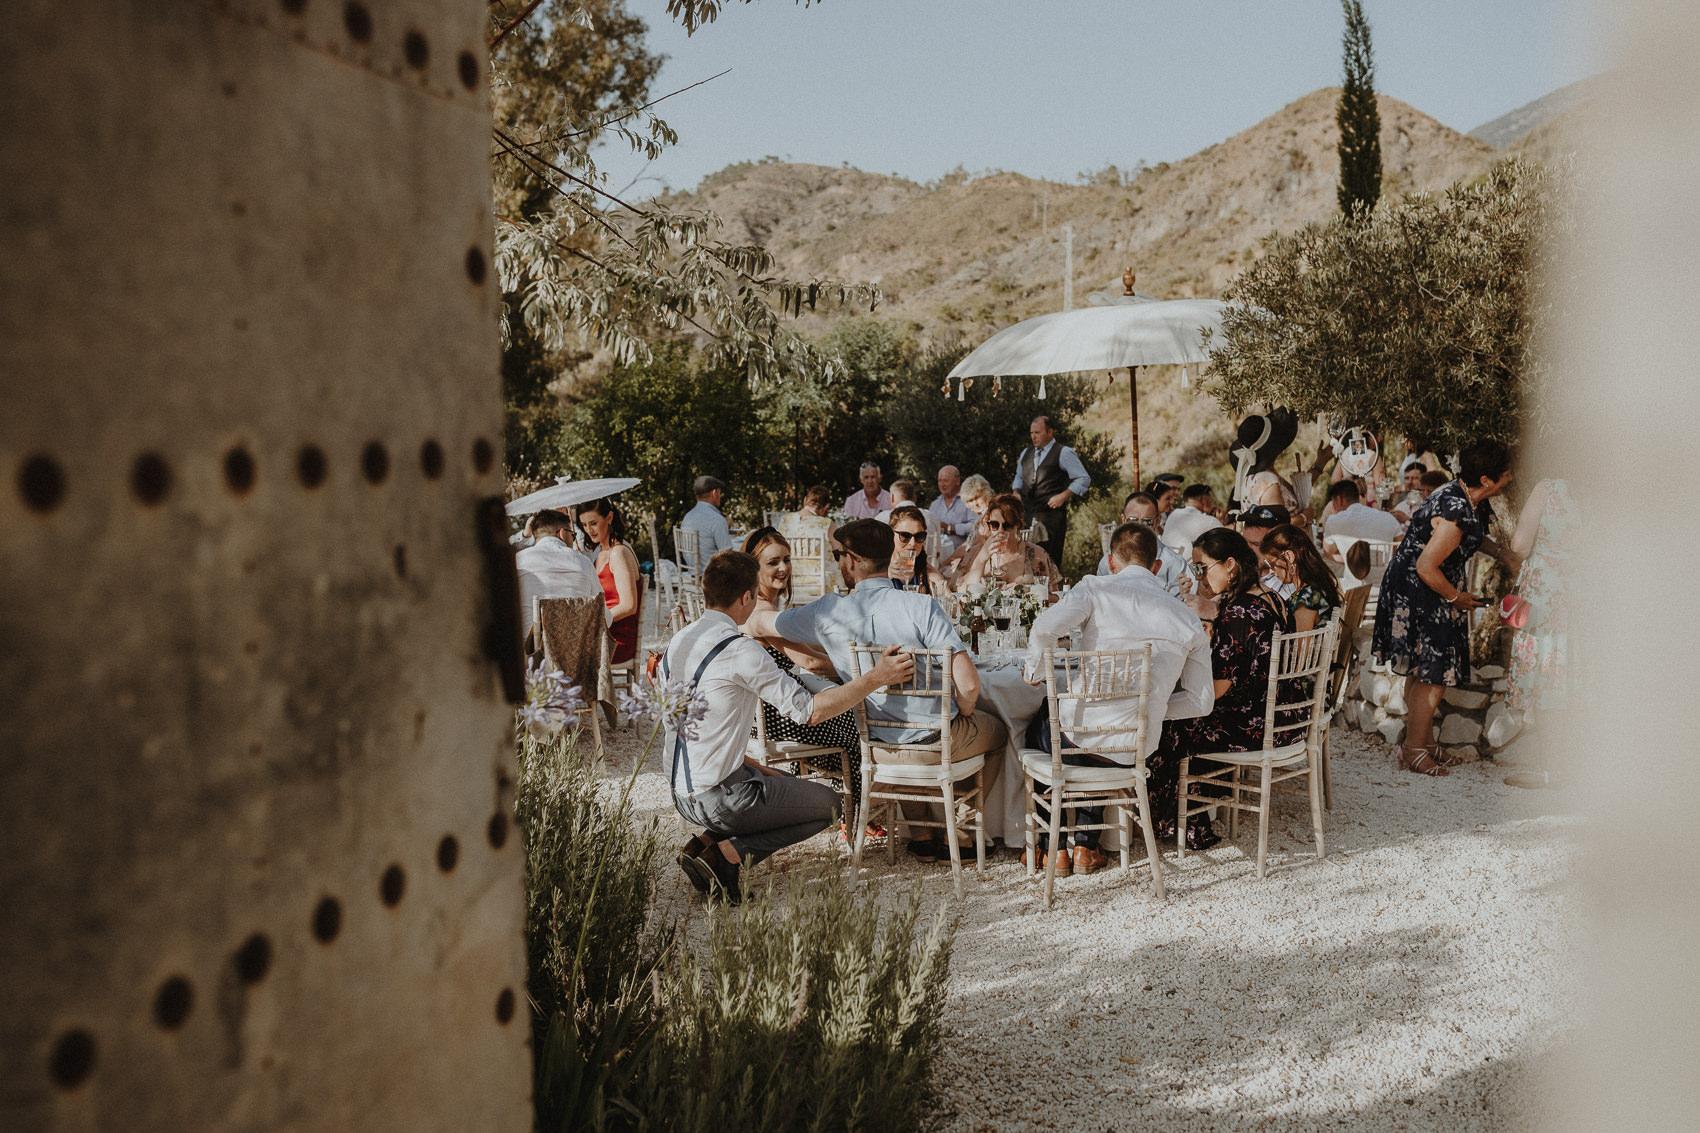 Sarah & Bill | Summer wedding at Cortijo Rosa Blanca | Marbella - Spain 119